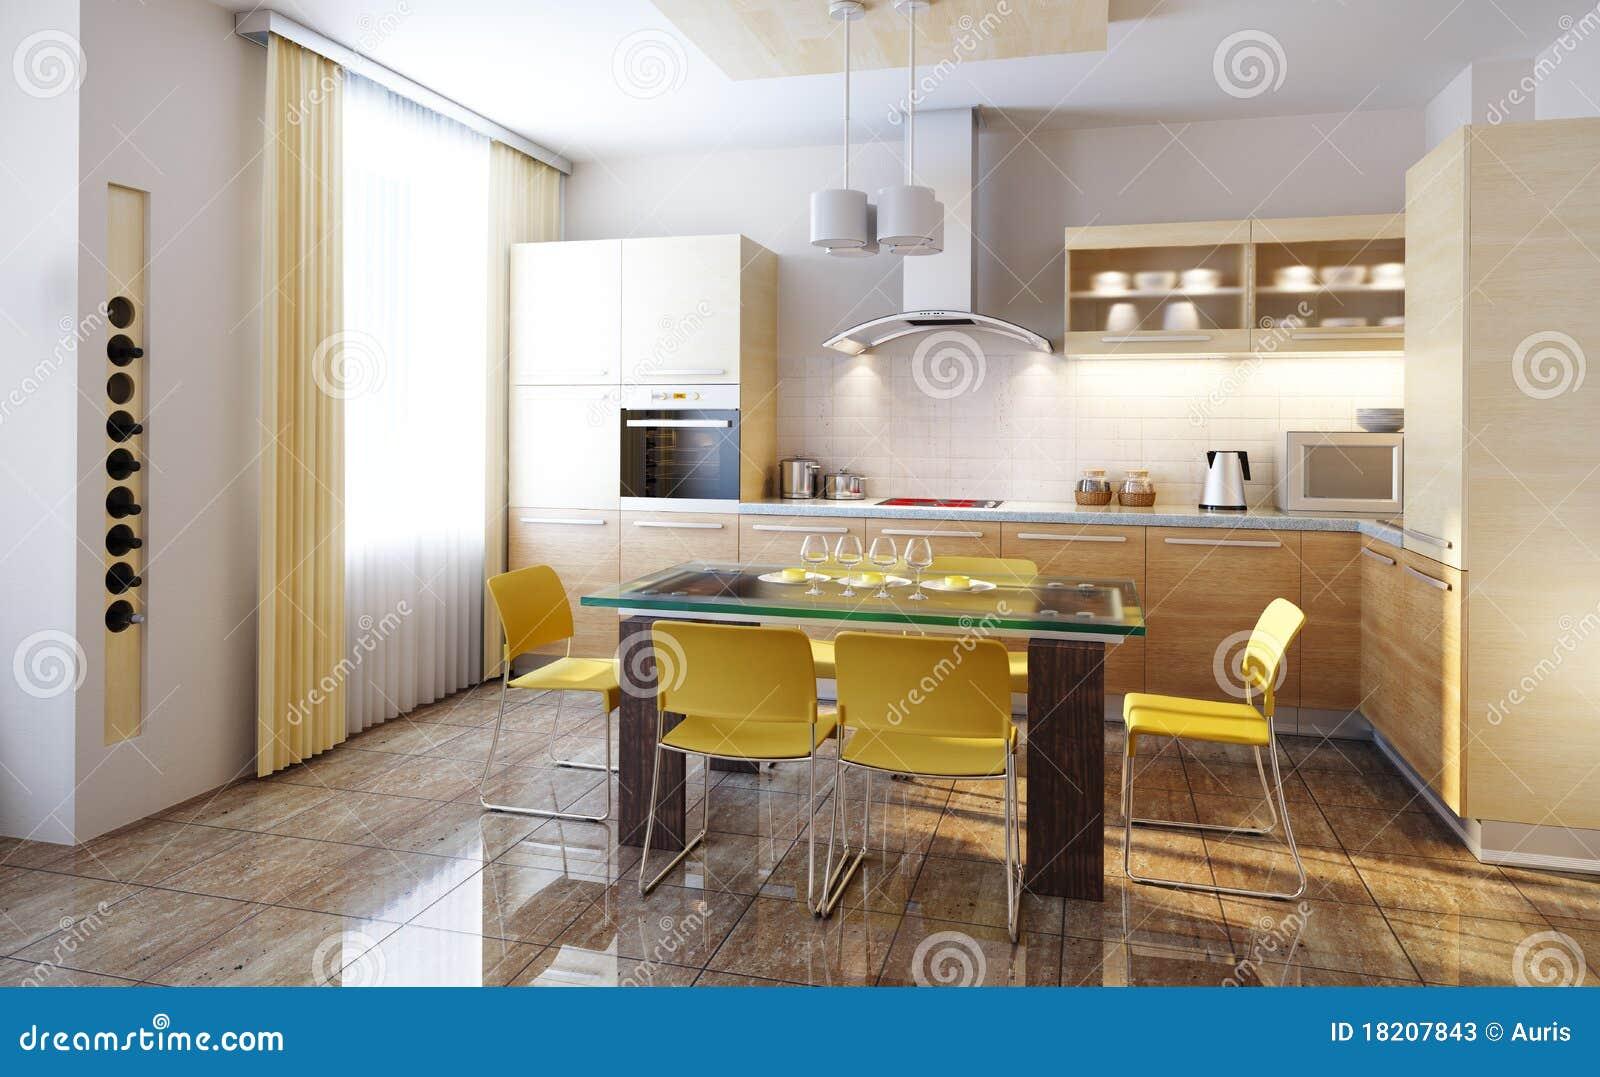 Cozinha Moderna 3d Interior Rende Fotos de Stock Imagem: 18207843 #AA9921 1300 892